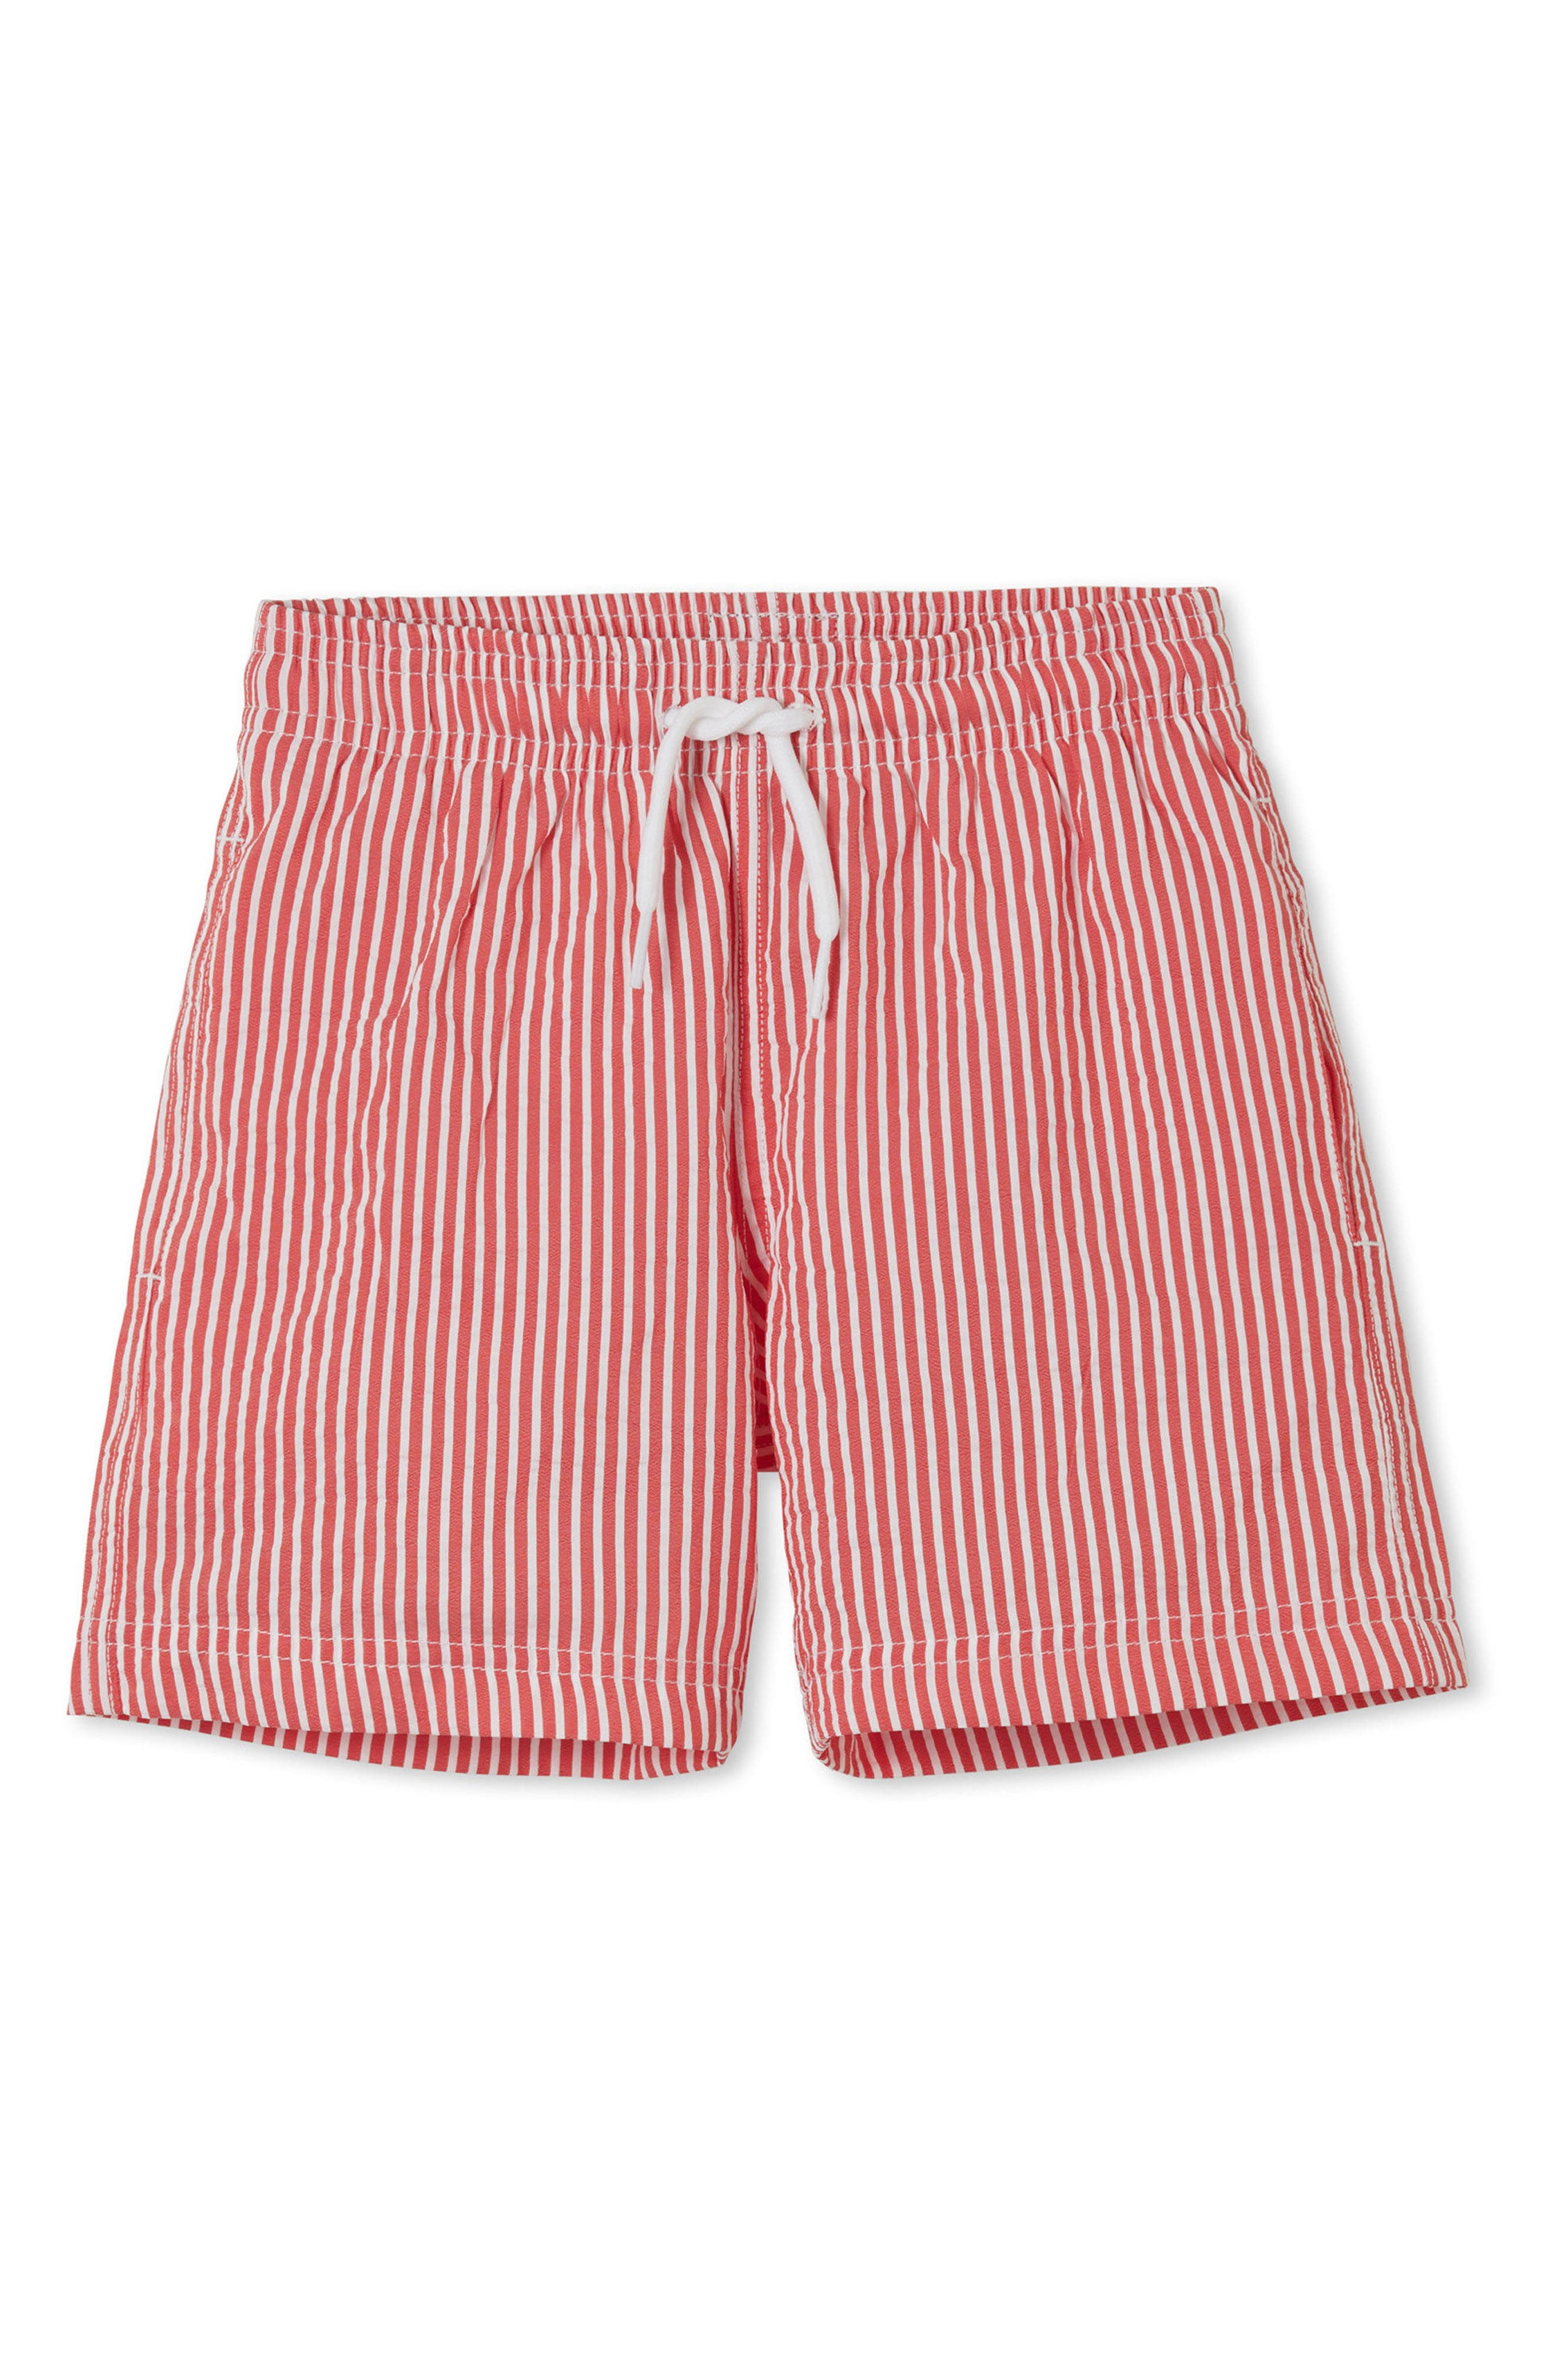 Stella Cove Red Stripe Swim Trunks (Toddler Boys & Little Boys)